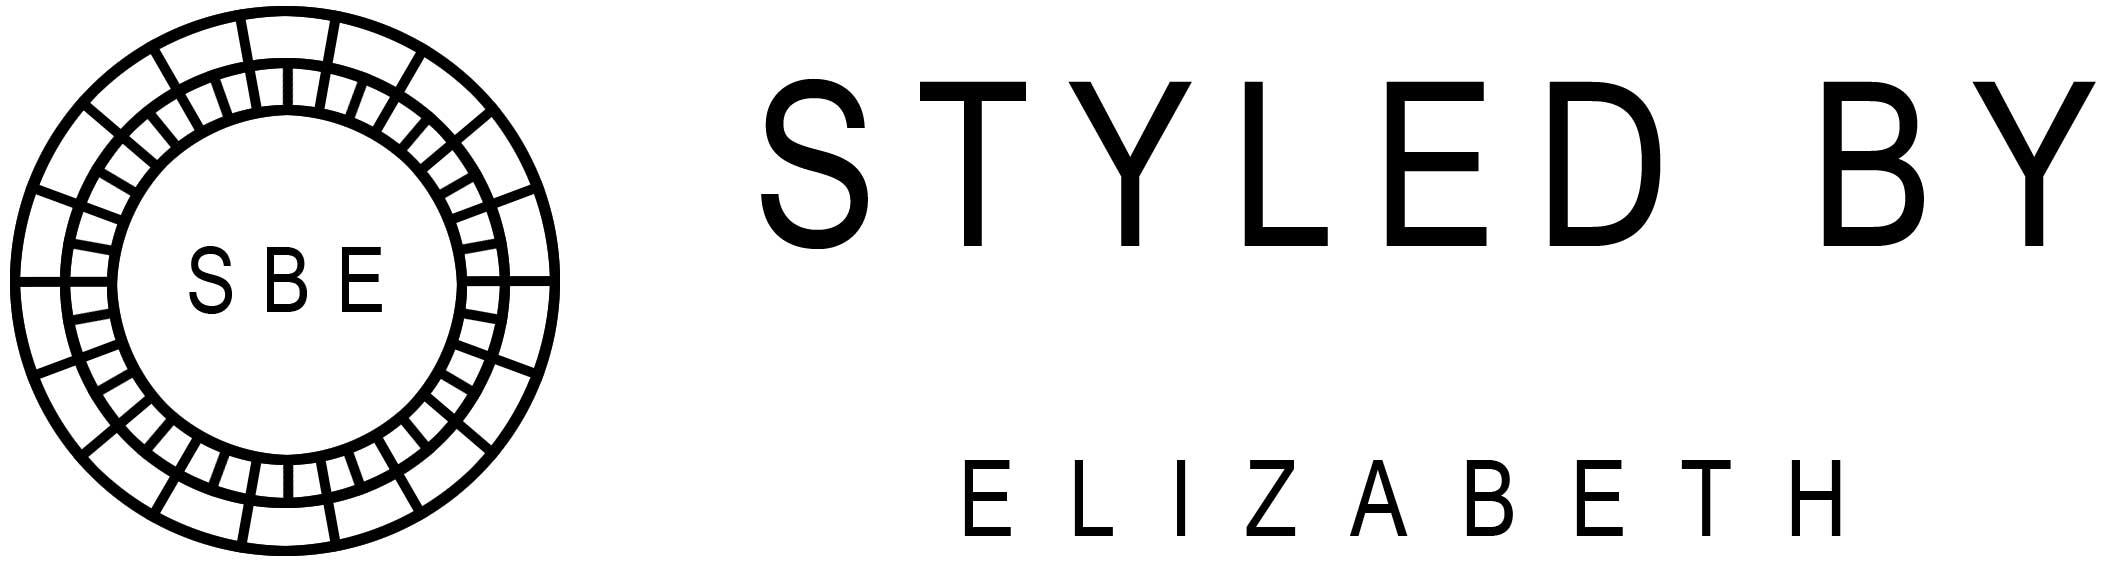 styled by elizabeth banner logo